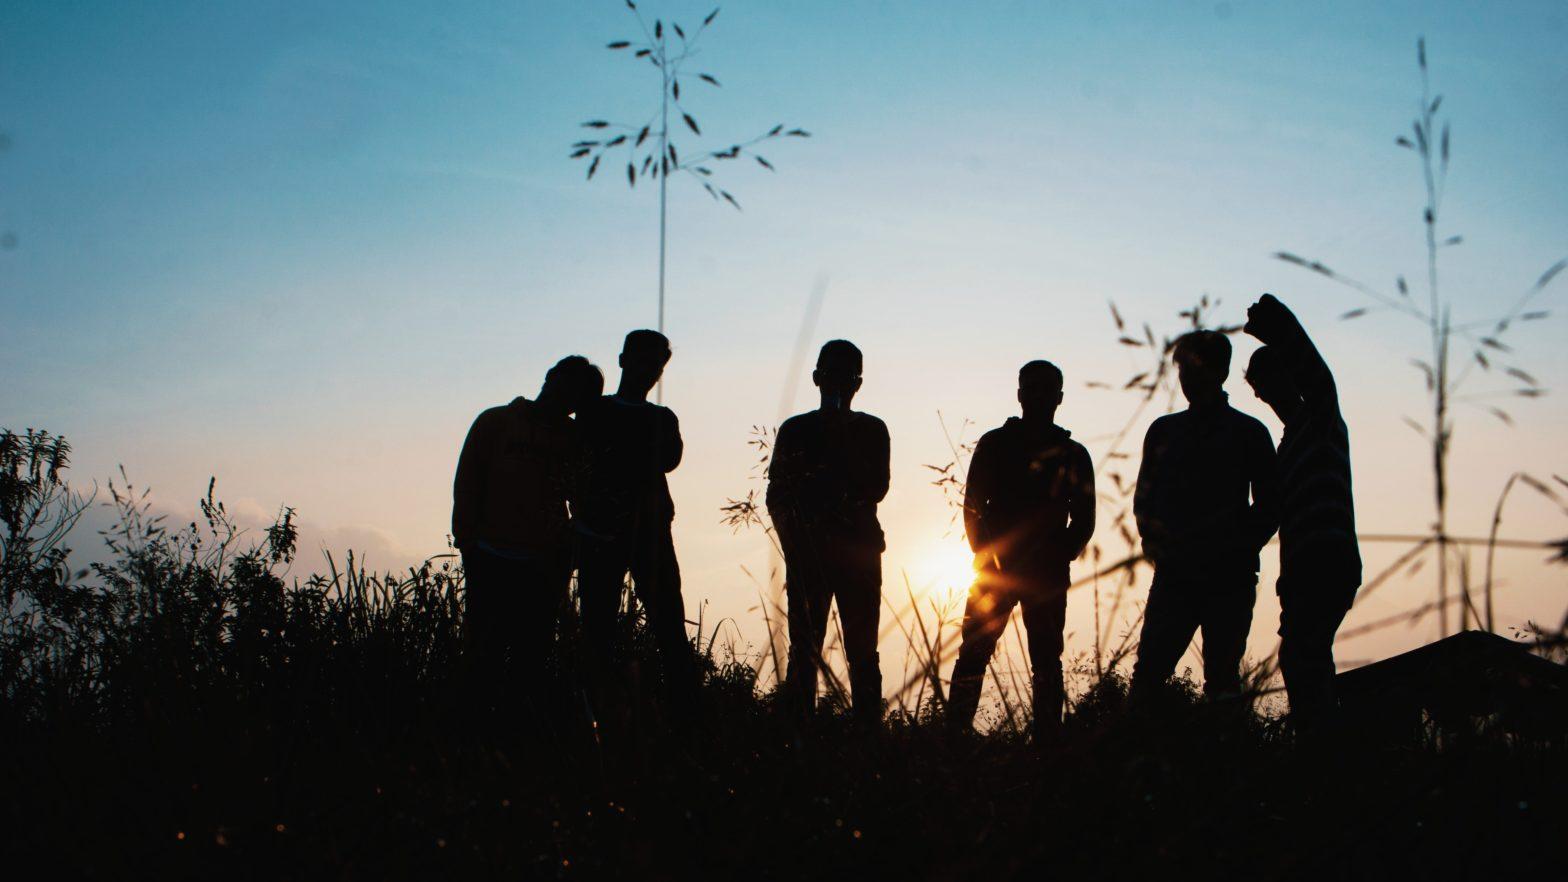 Jeunesse dans le paysage